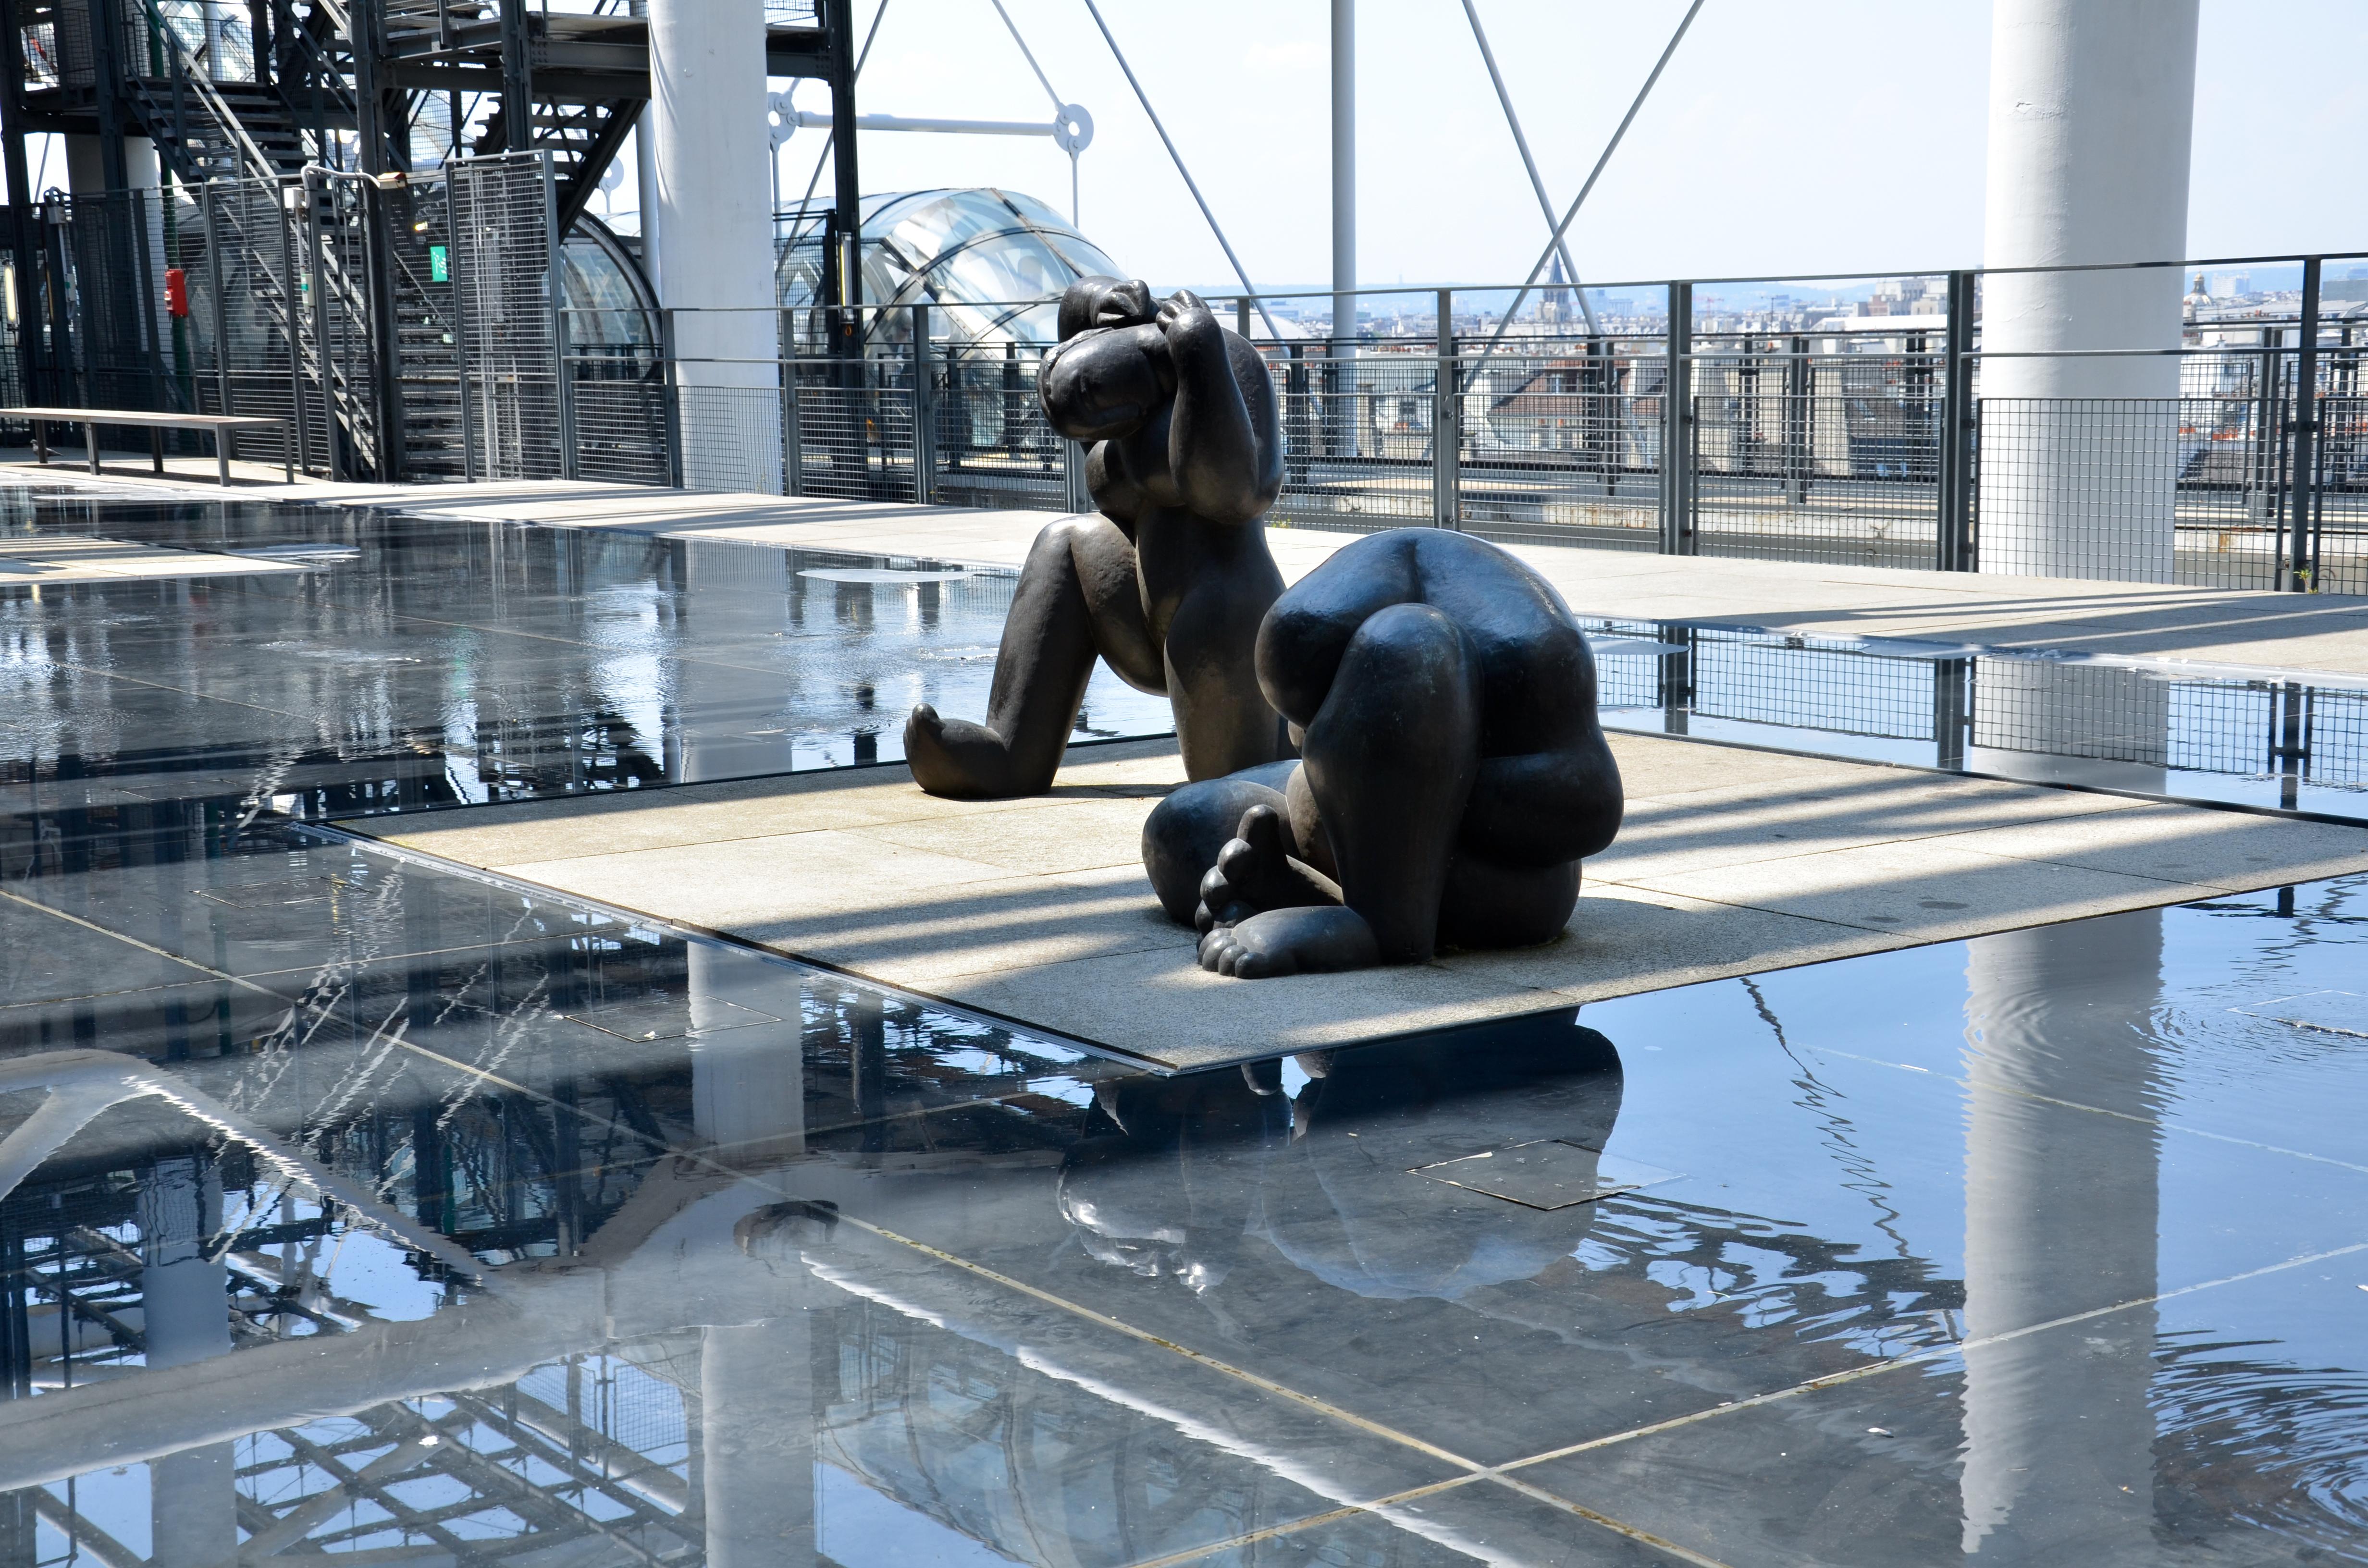 Terraza de las esculturas. (c) Arturo Guillaumín/2013.